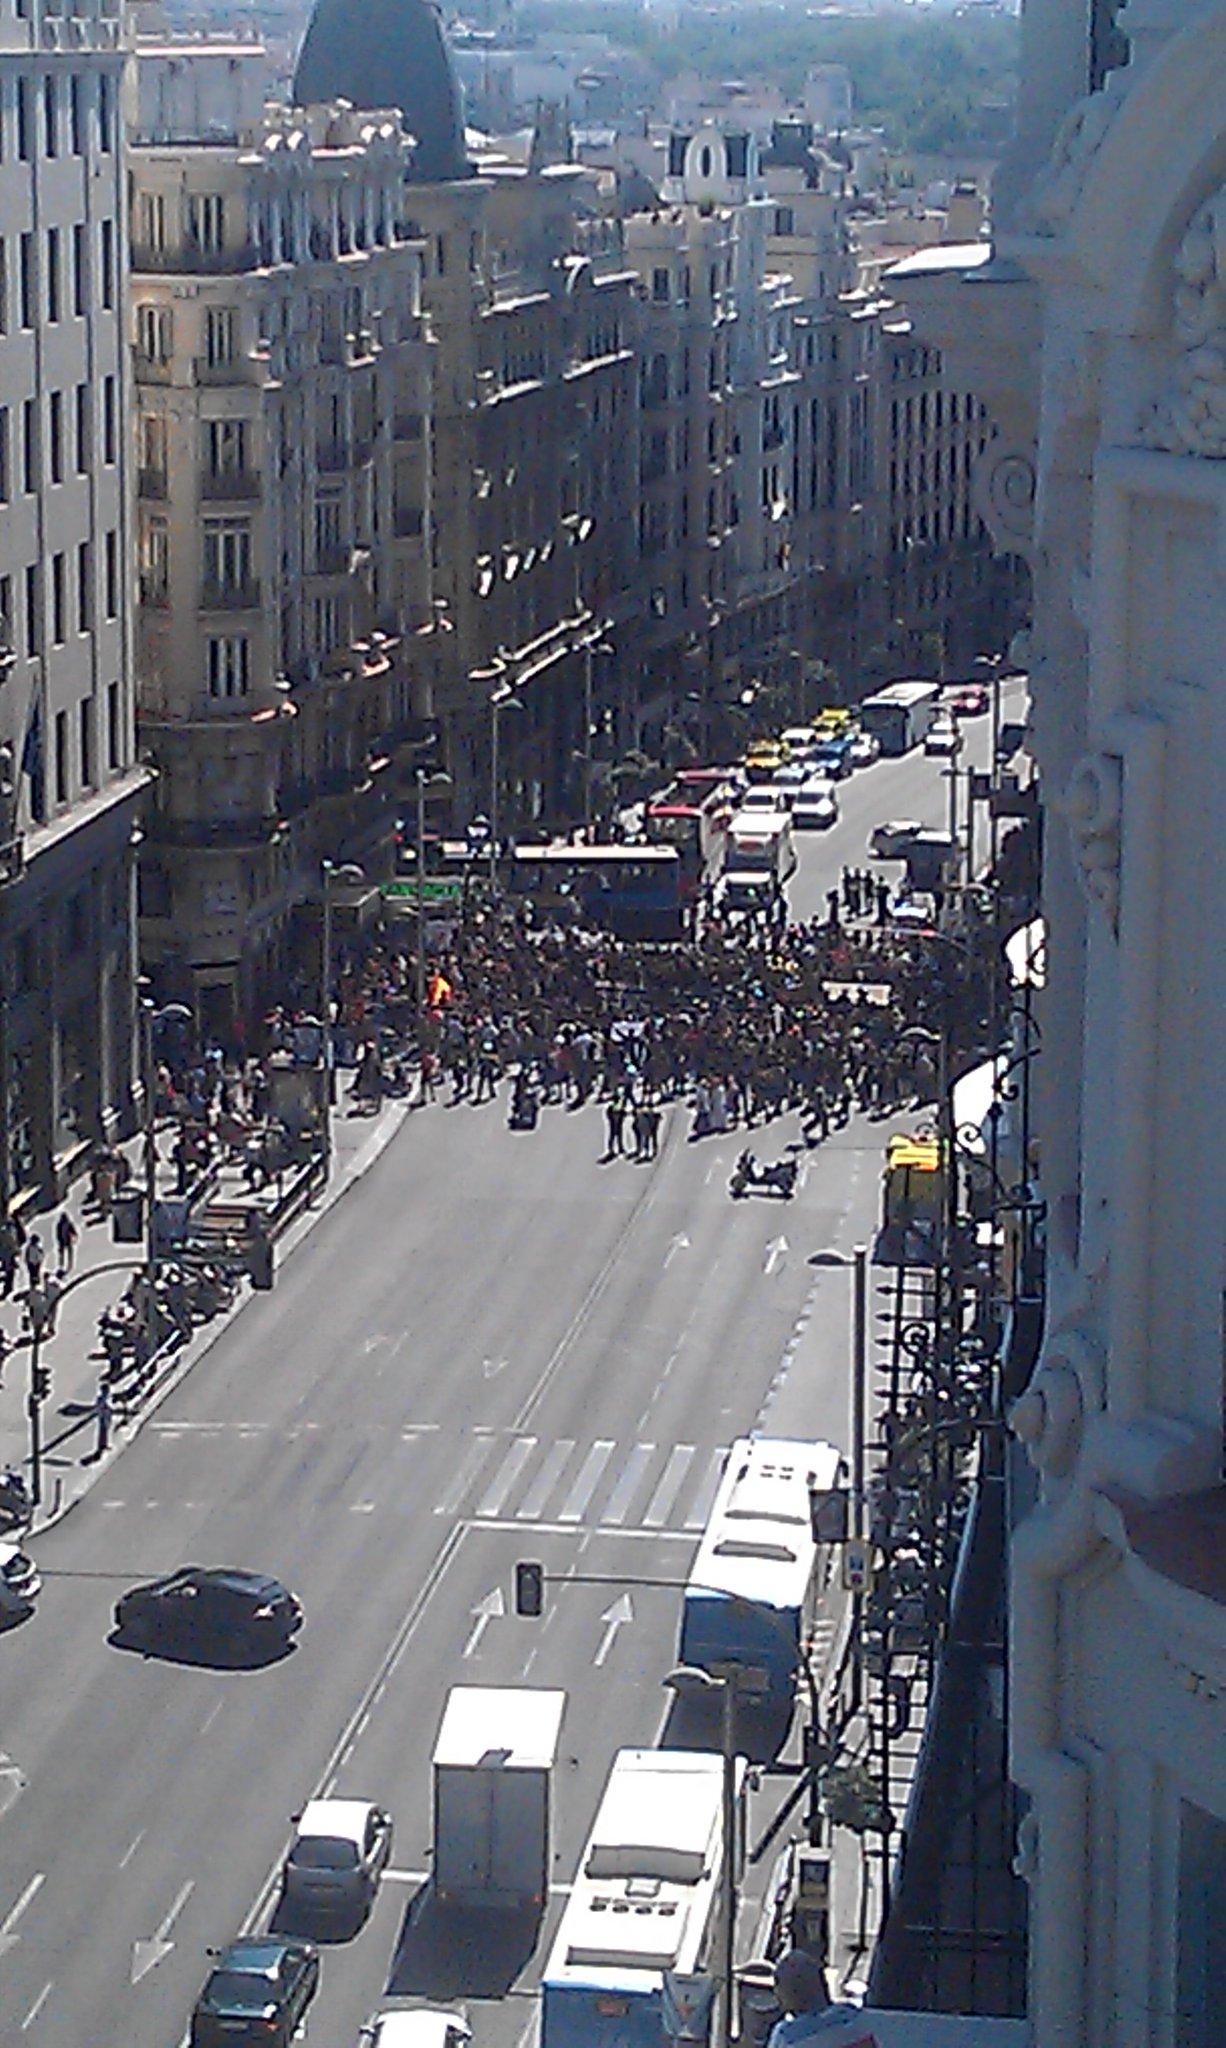 URGENTE! AHORA MISMO! GRAN VÍA DE MADRID CORTADA! DIFUNDE! http://t.co/DoBiy3bI